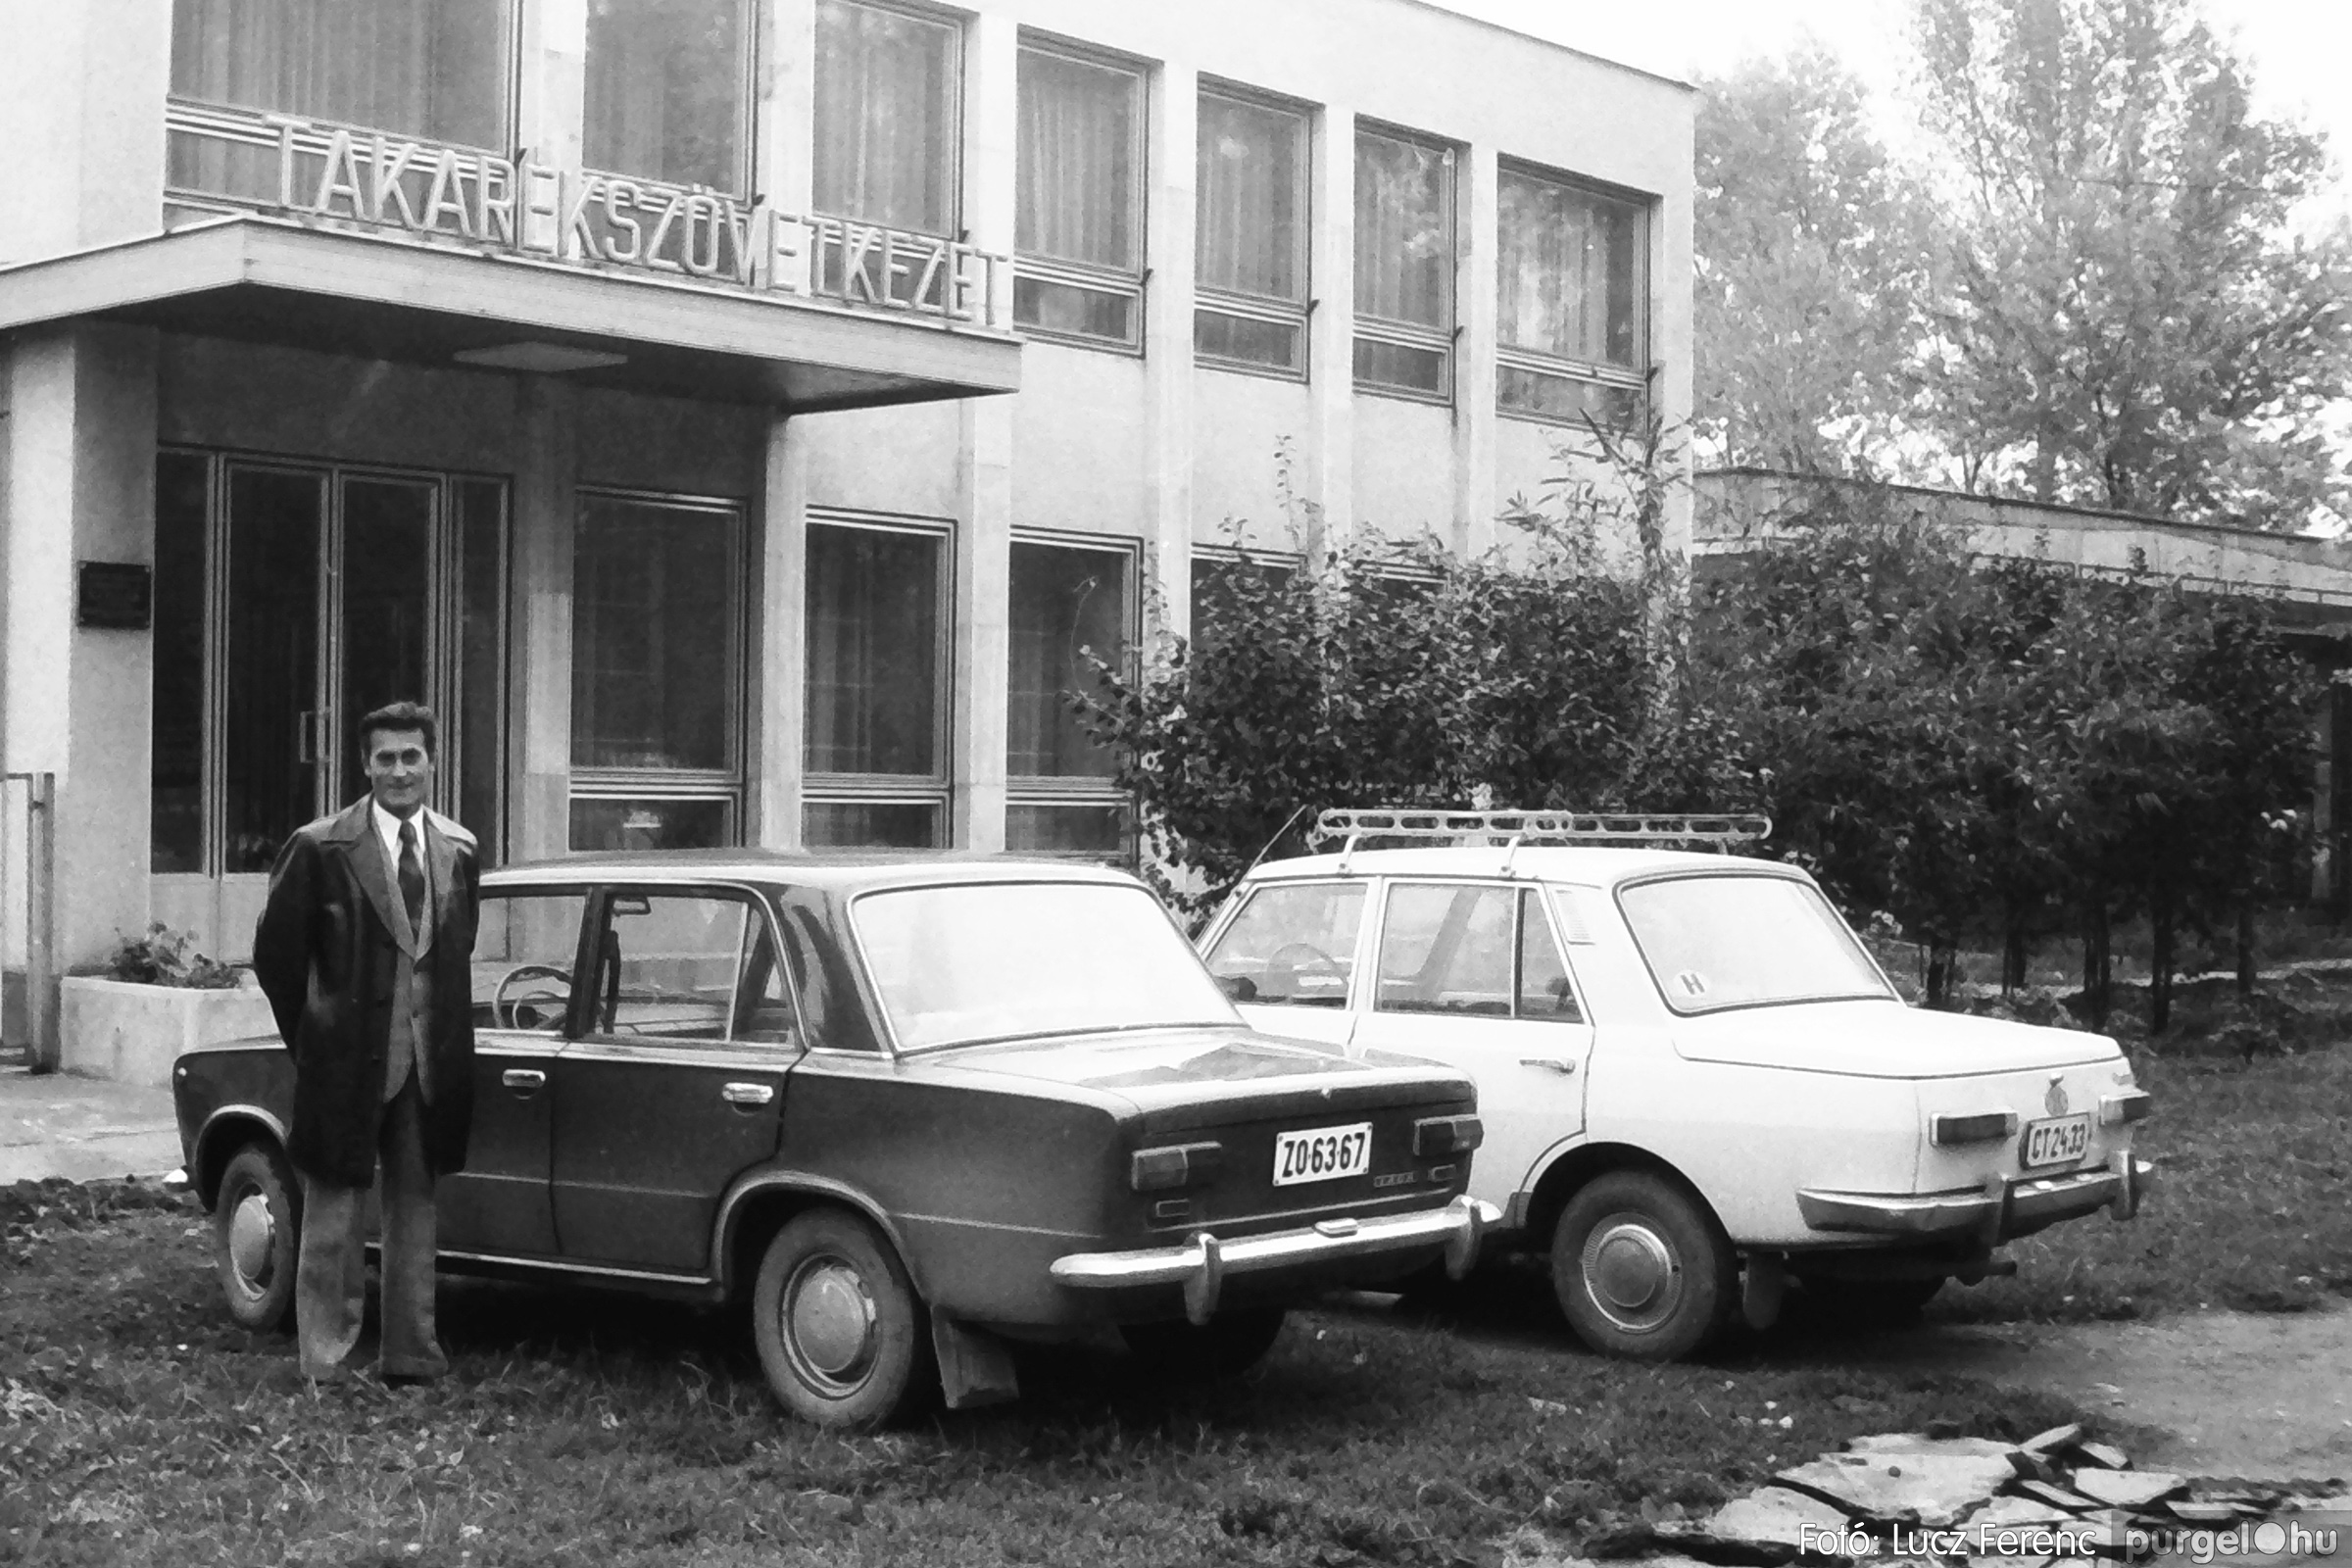 090. 1977. Úttörő gárda - ifjú gárda seregszemle 001. - Fotó: Lucz Ferenc.jpg